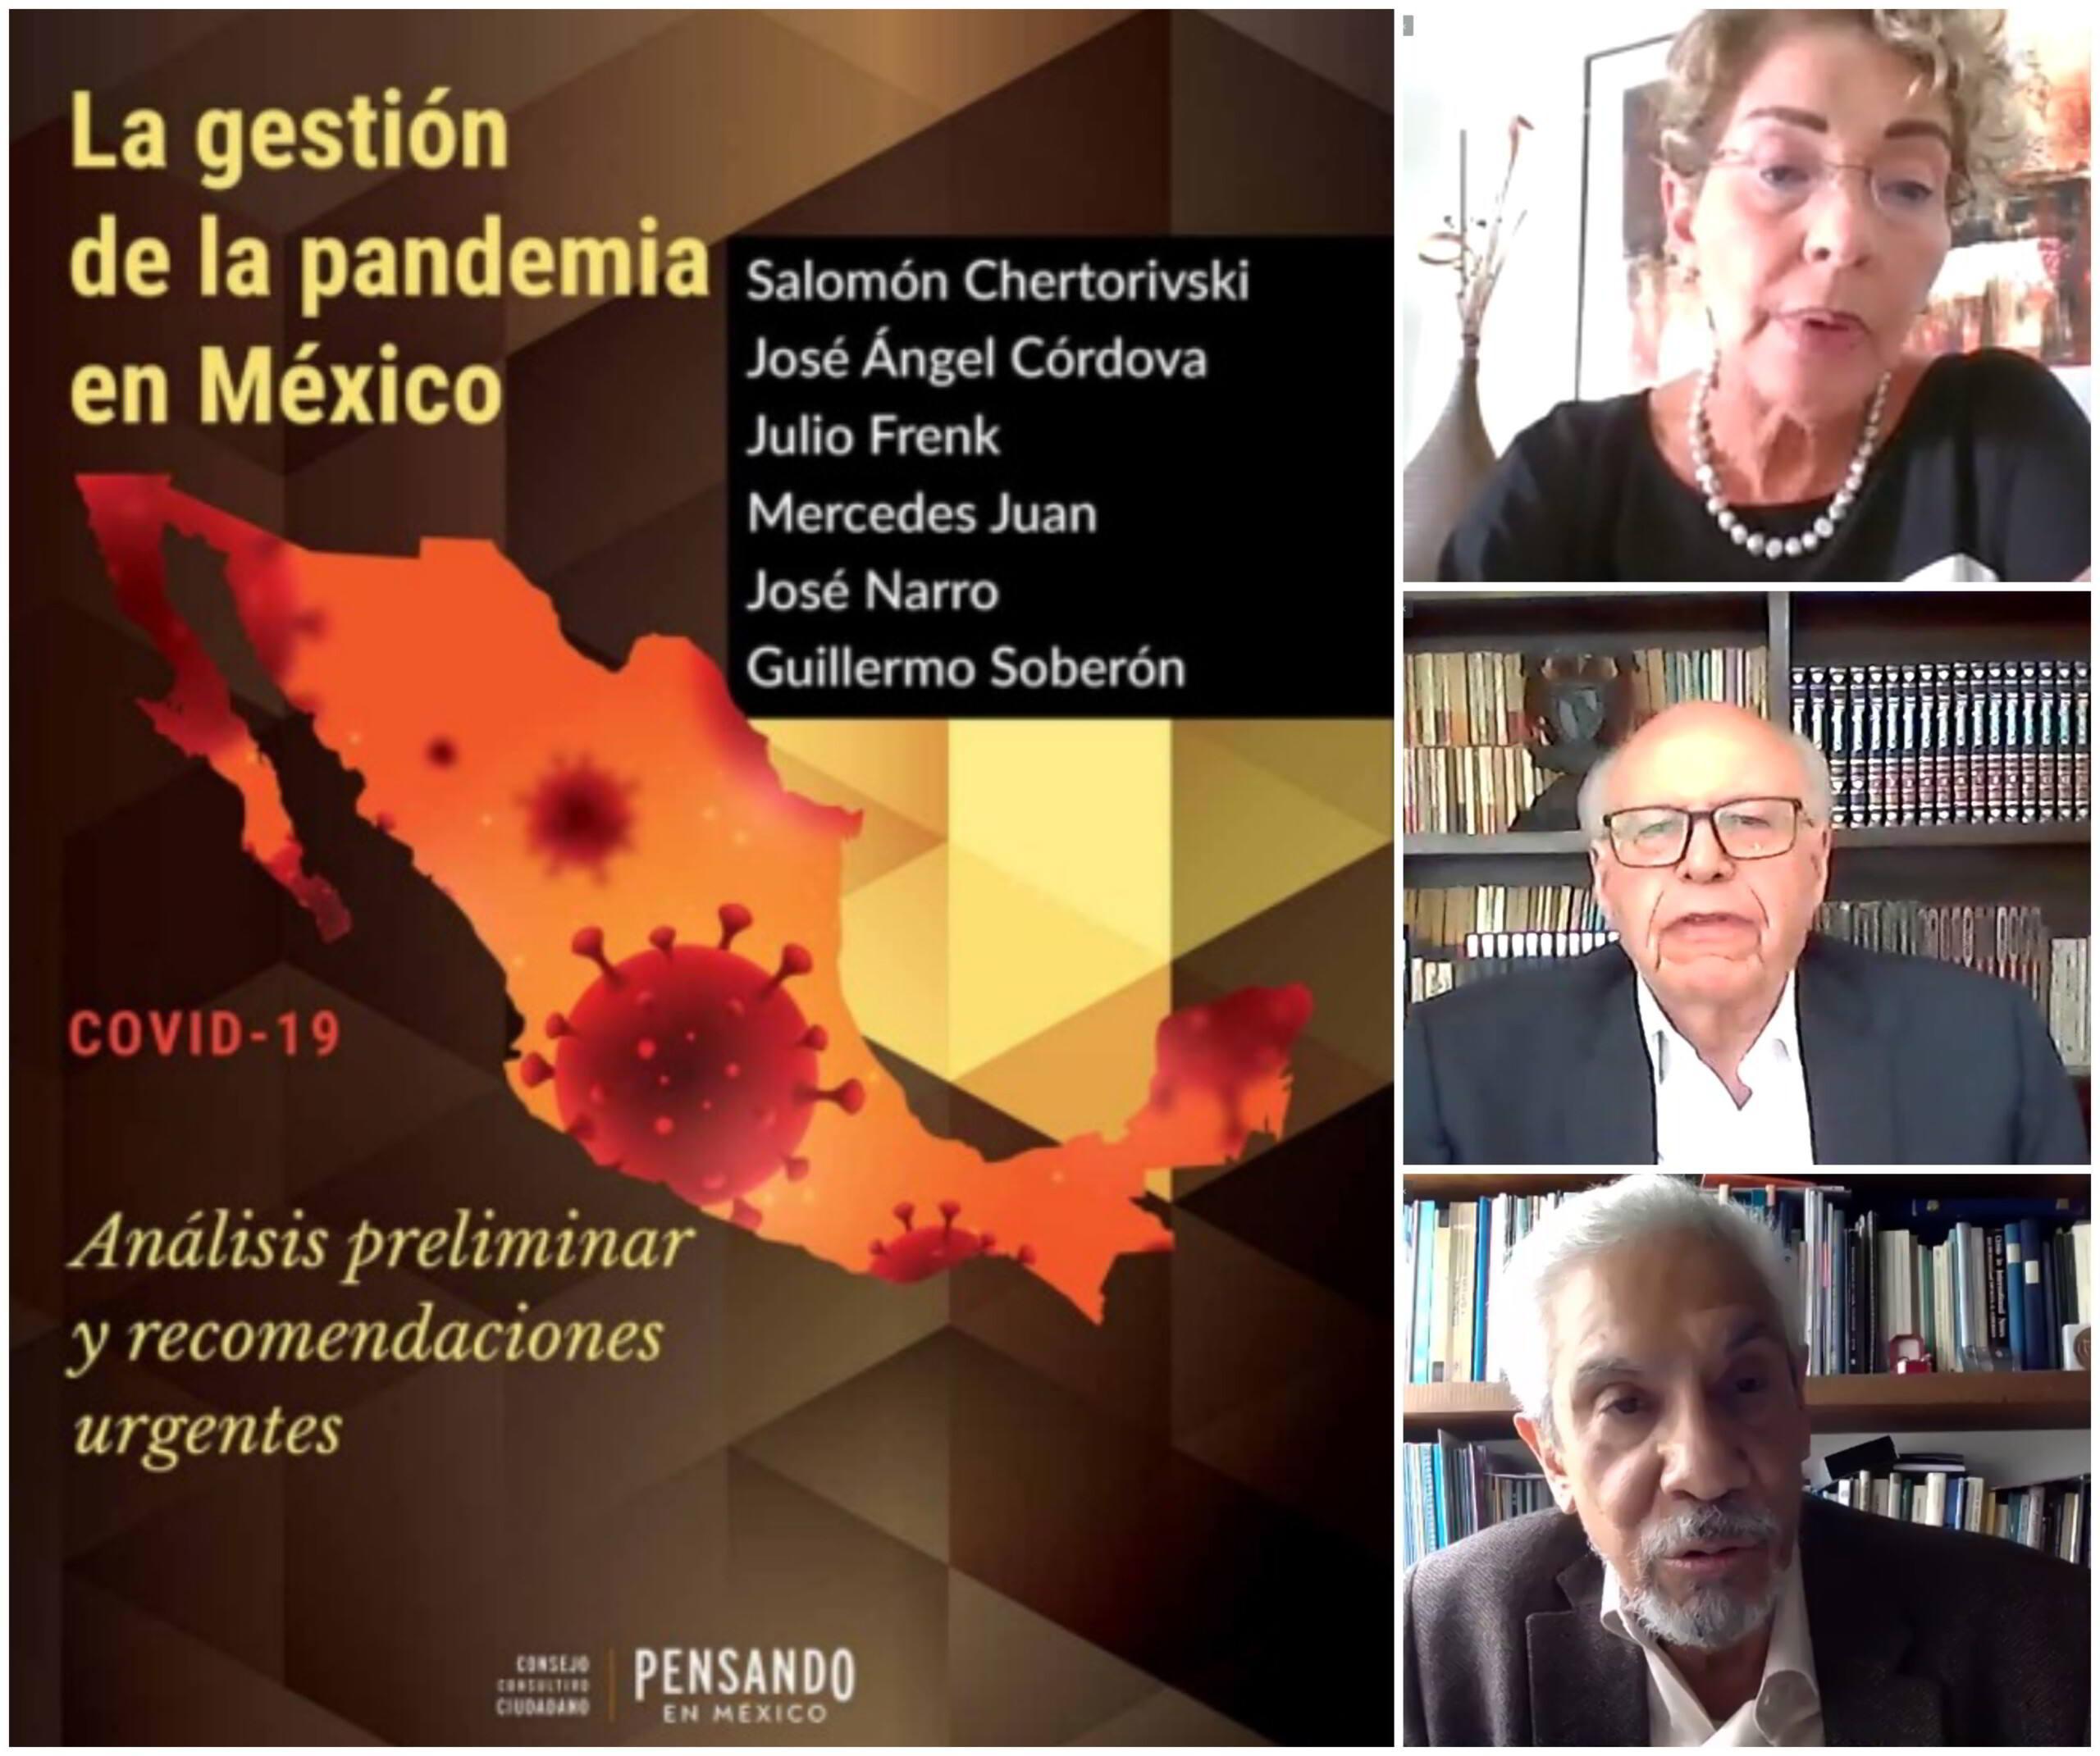 Portada de La getión de la pandemia en México